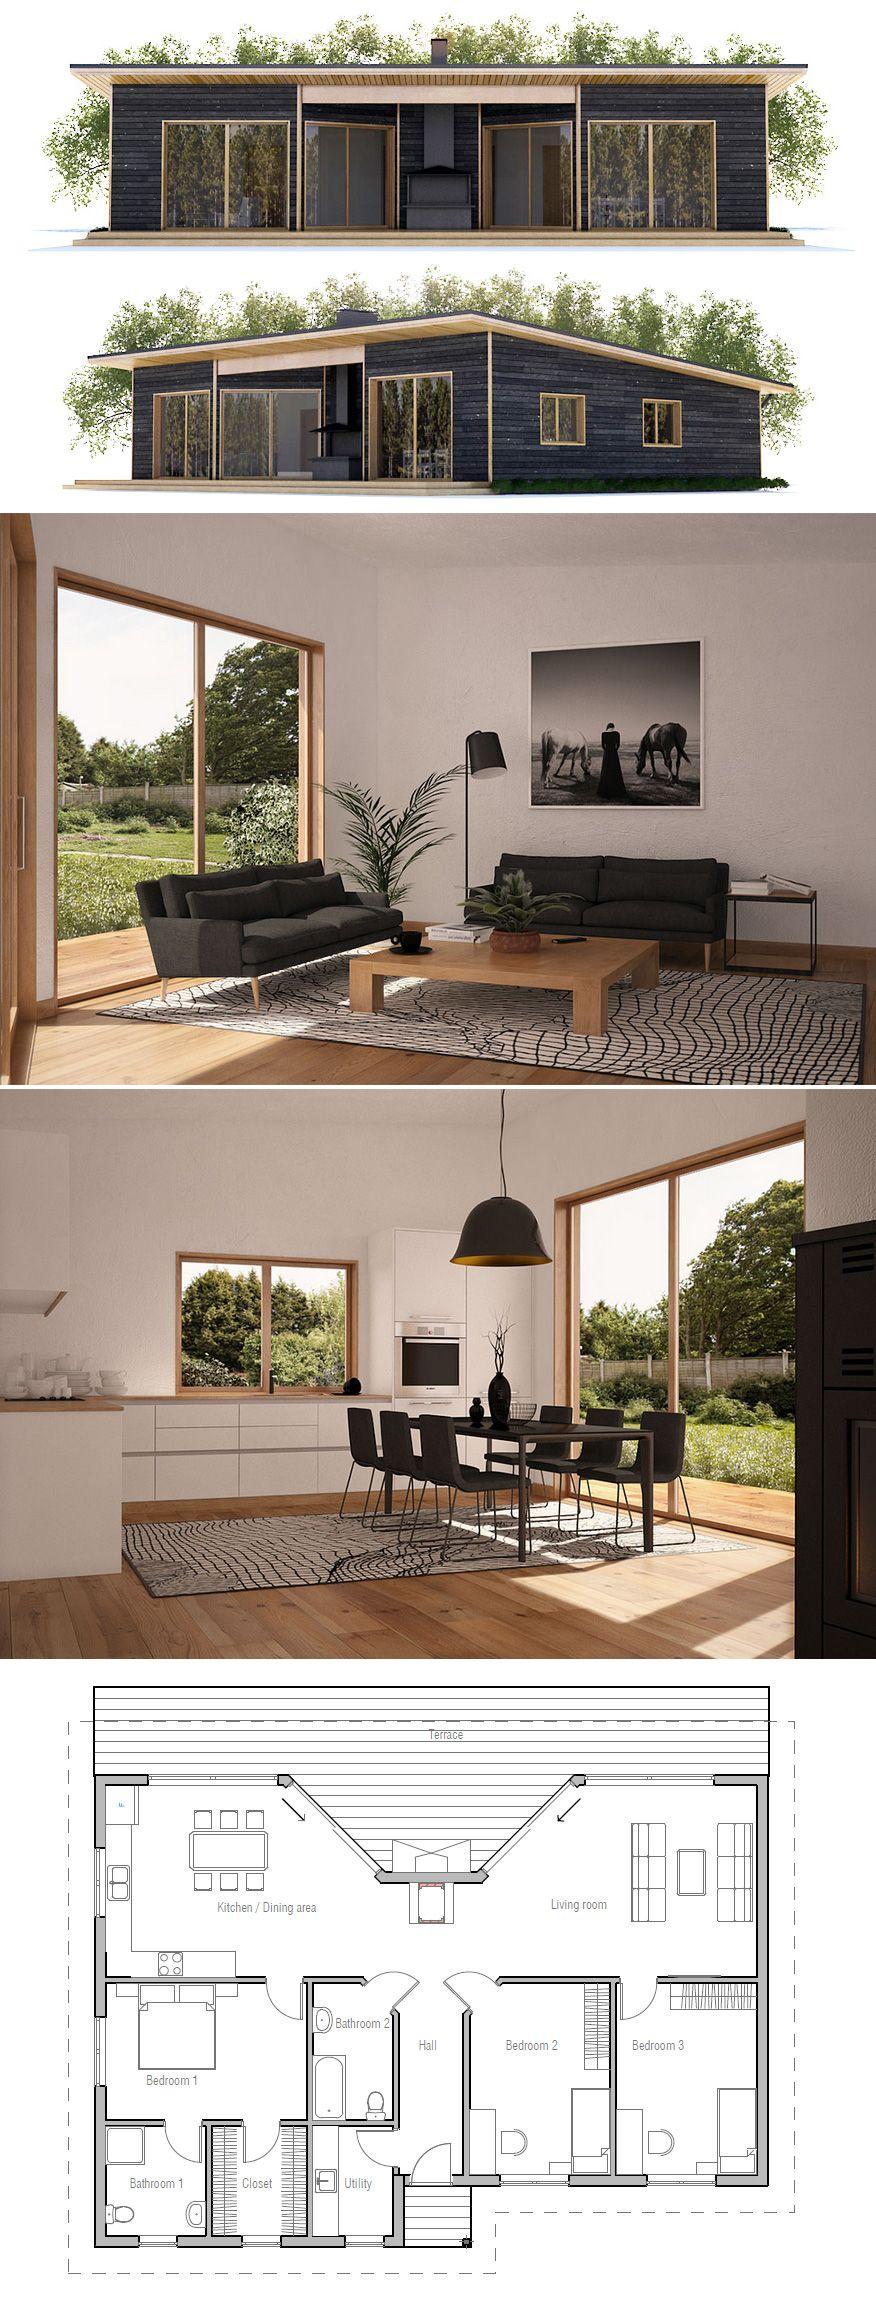 Floor area sq ft building area sq ft bedrooms